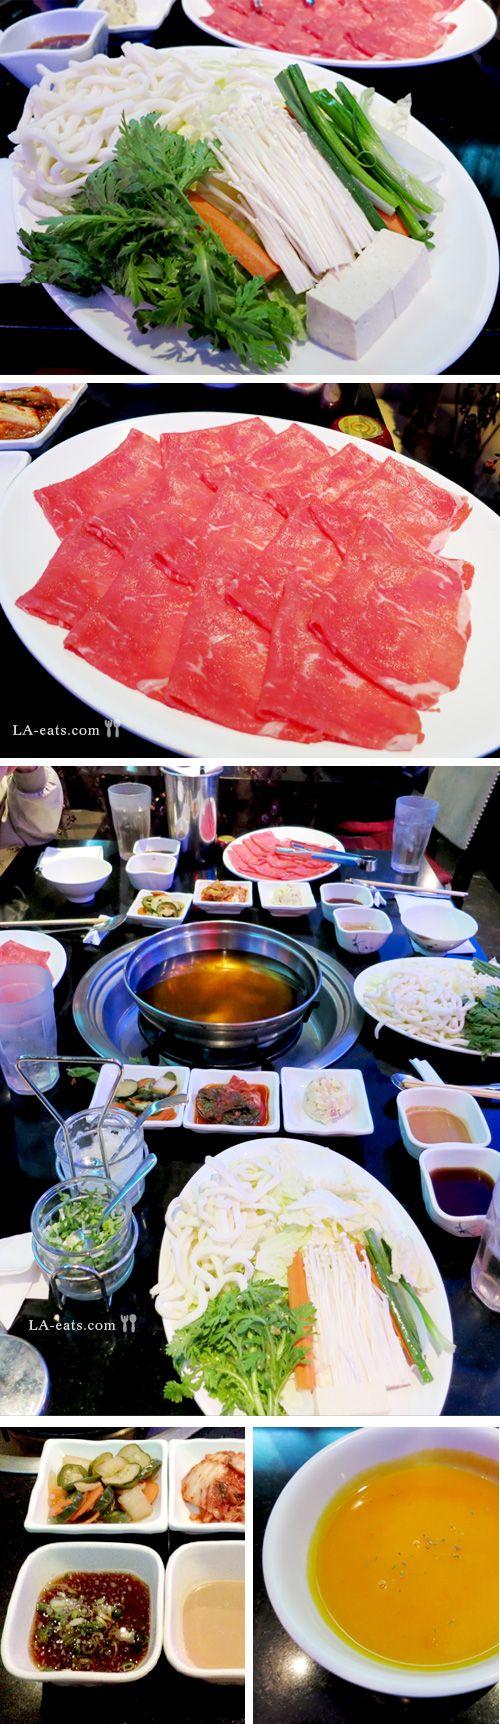 how to make korean shabu shabu